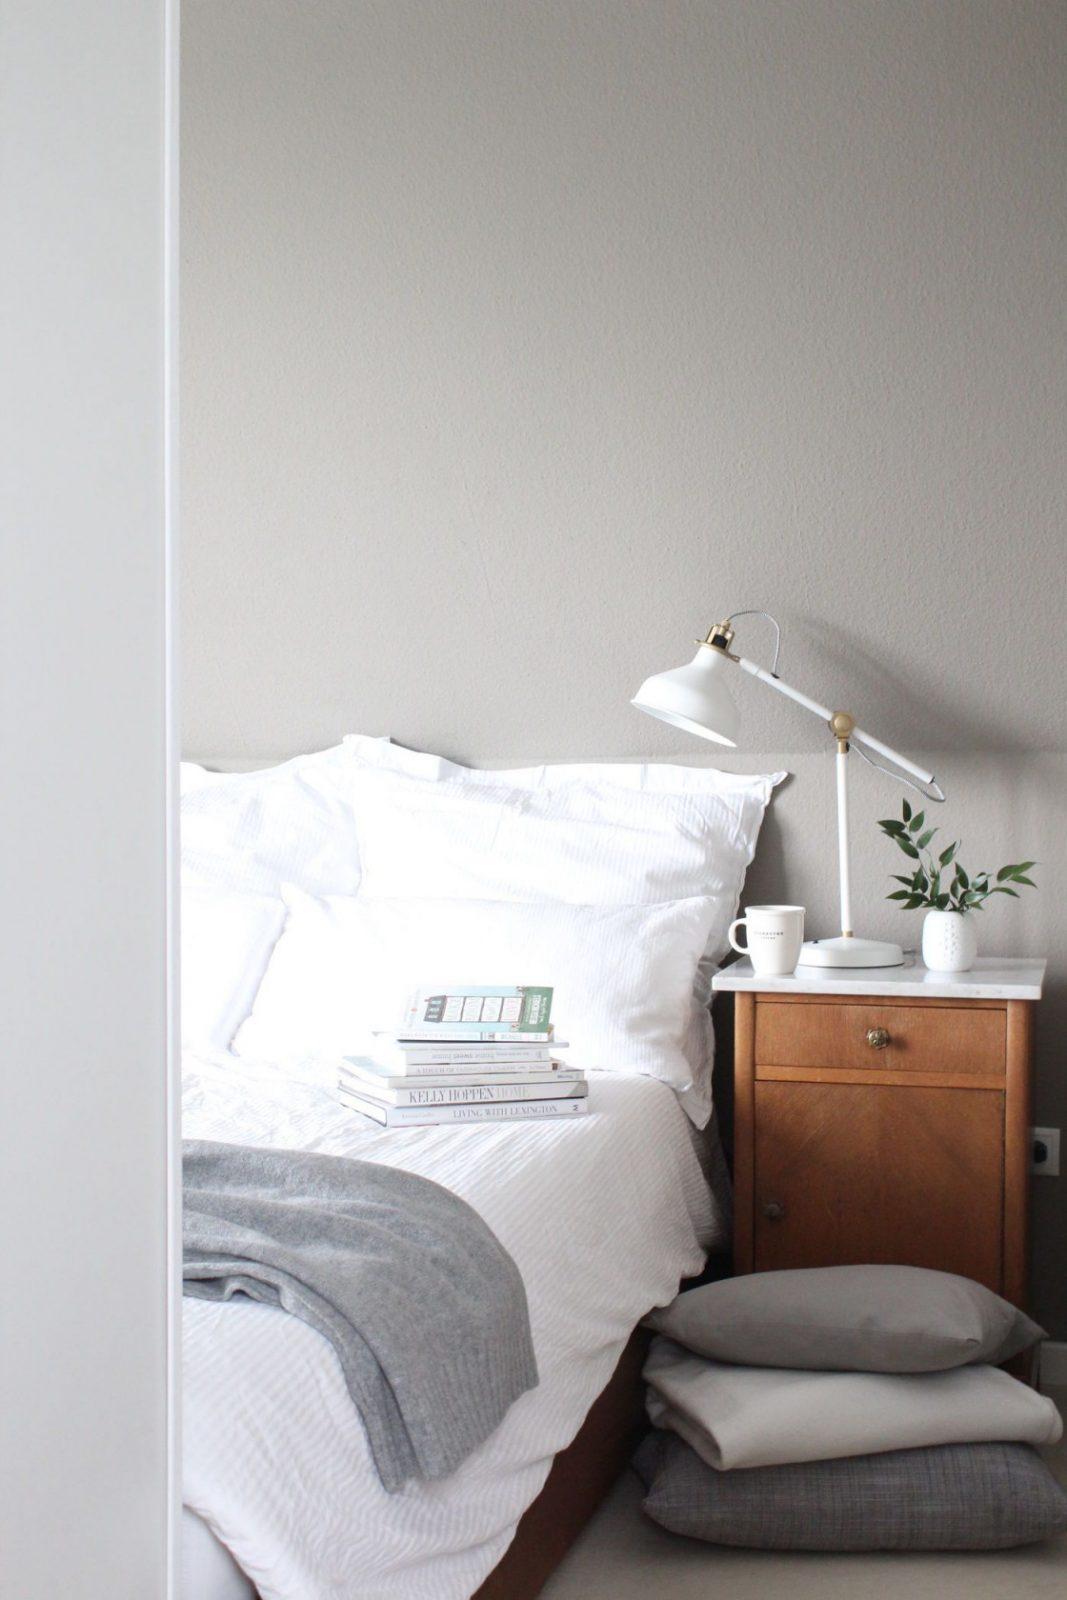 Die Schönsten Ideen Für Die Wandfarbe Im Schlafzimmer von Wandfarben Ideen Schlafzimmer Photo